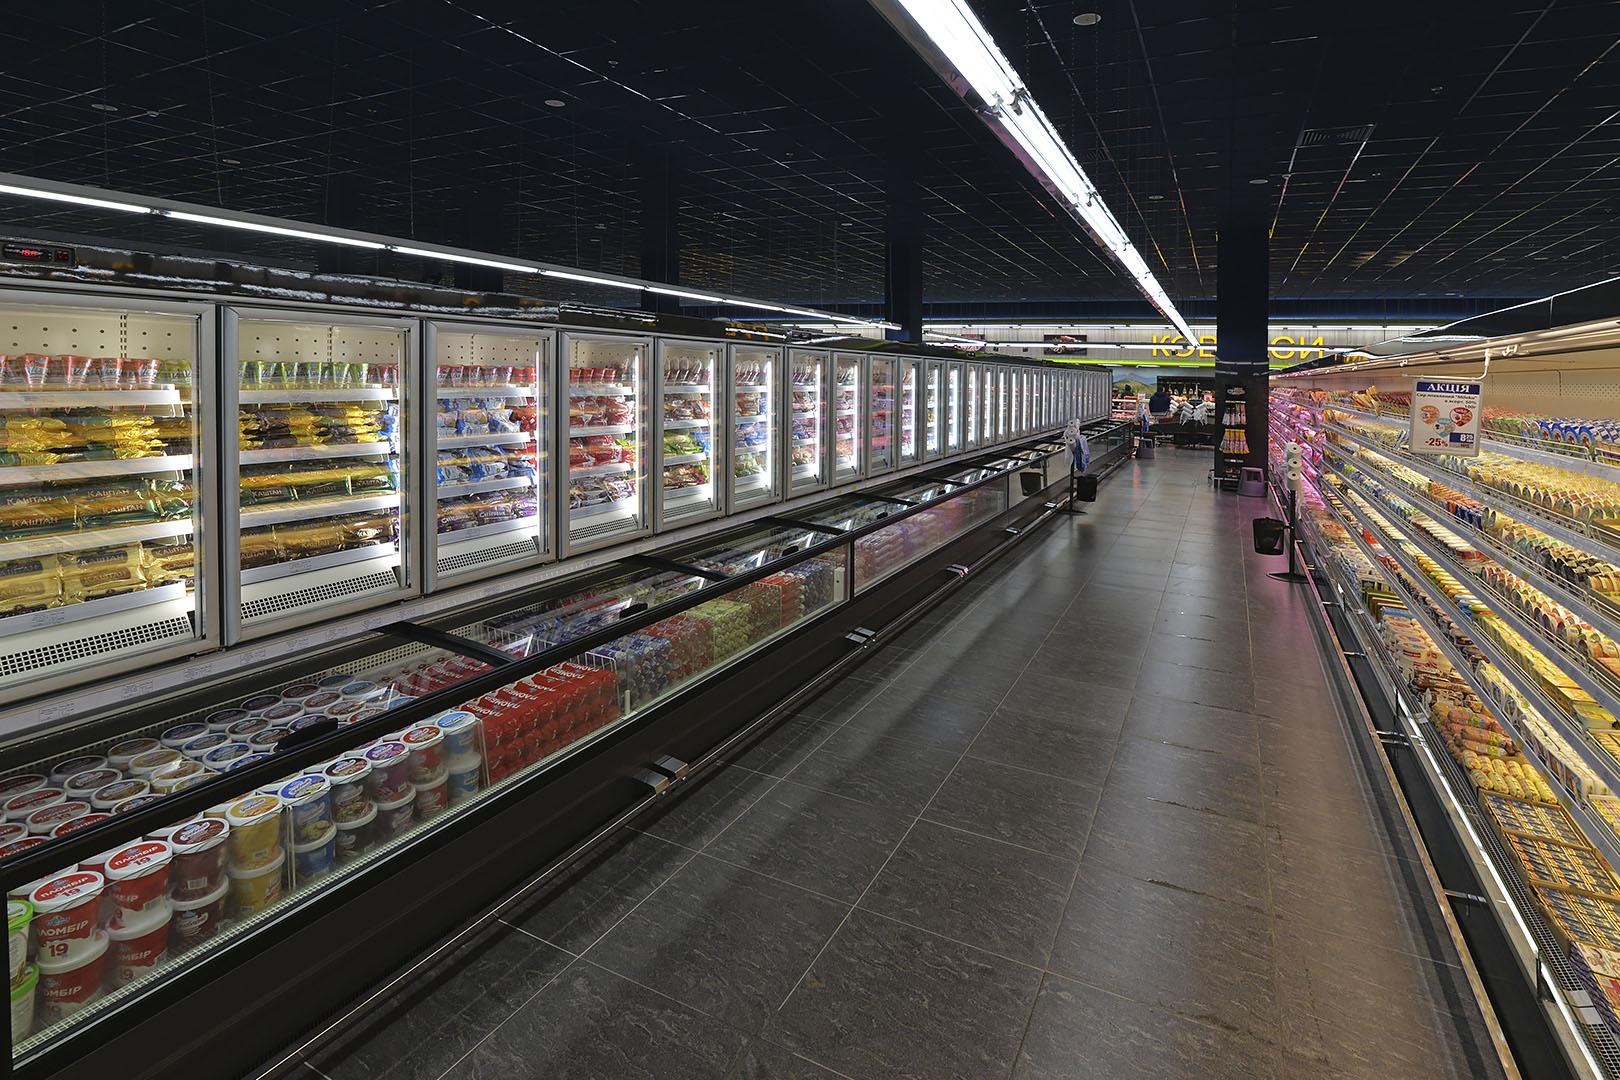 Frozen foods units Alaska combi 2 MD MHV 110 LT D/C 220-DLM, multideck cabinets Indiana MV 100 MT O 220-DLM